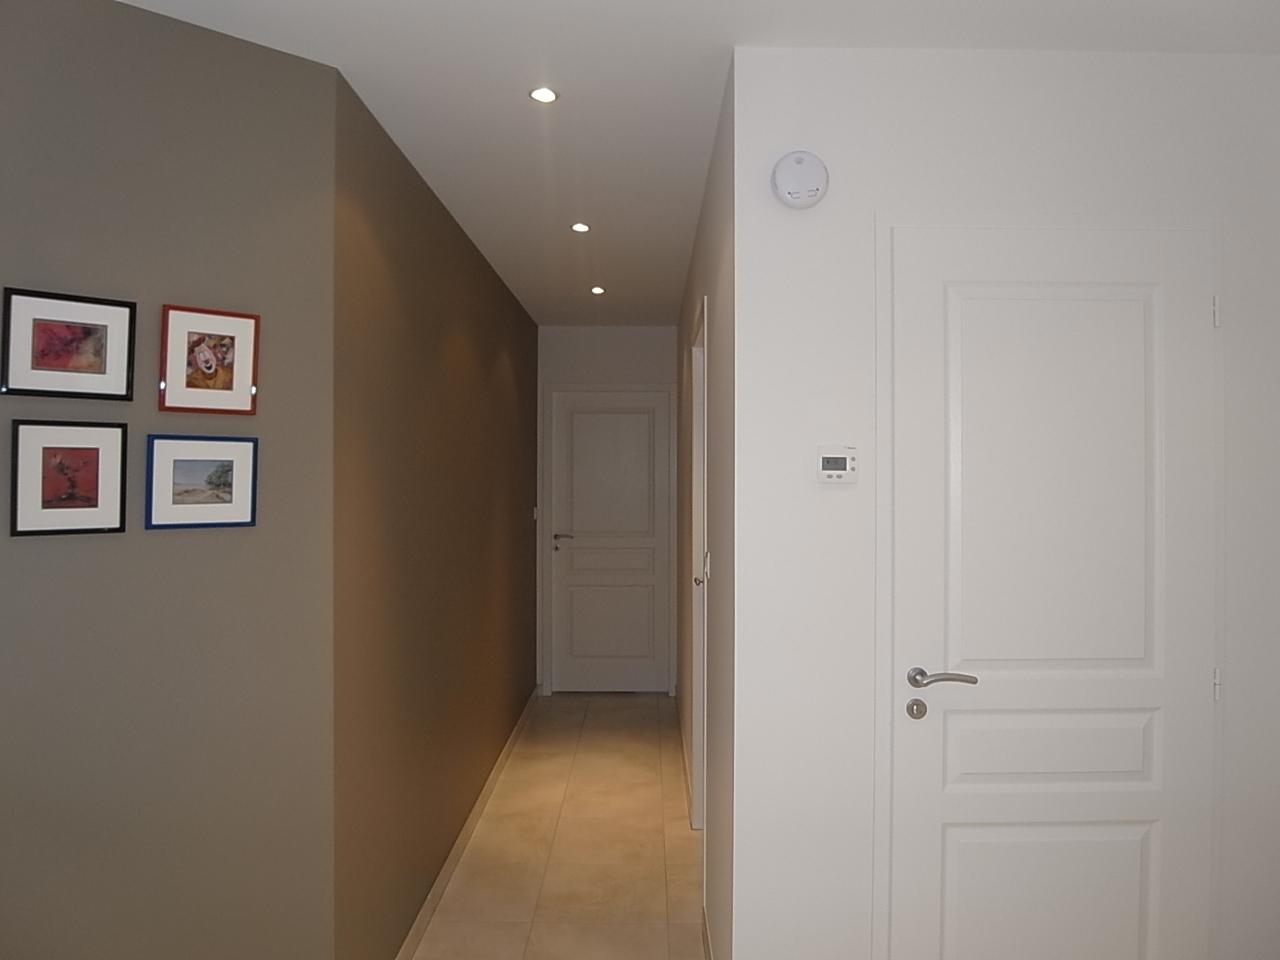 Montee escalier peinture decorer une entree avec escalier